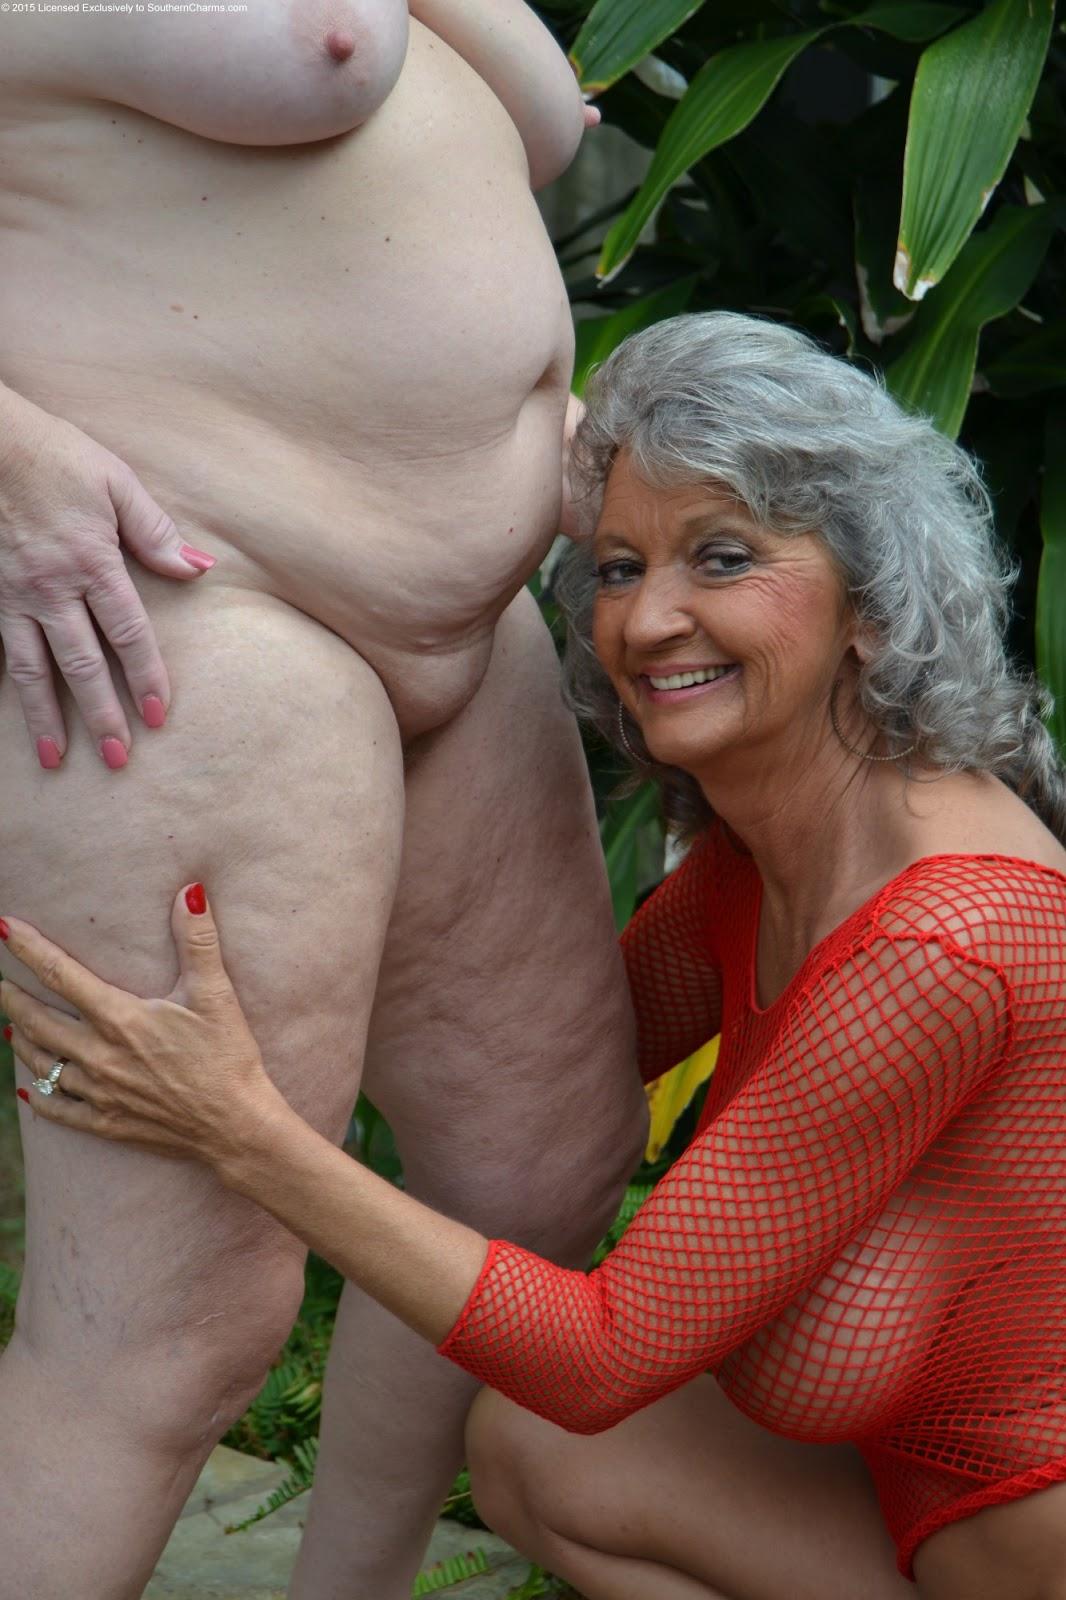 Cum on her belly hand jobs